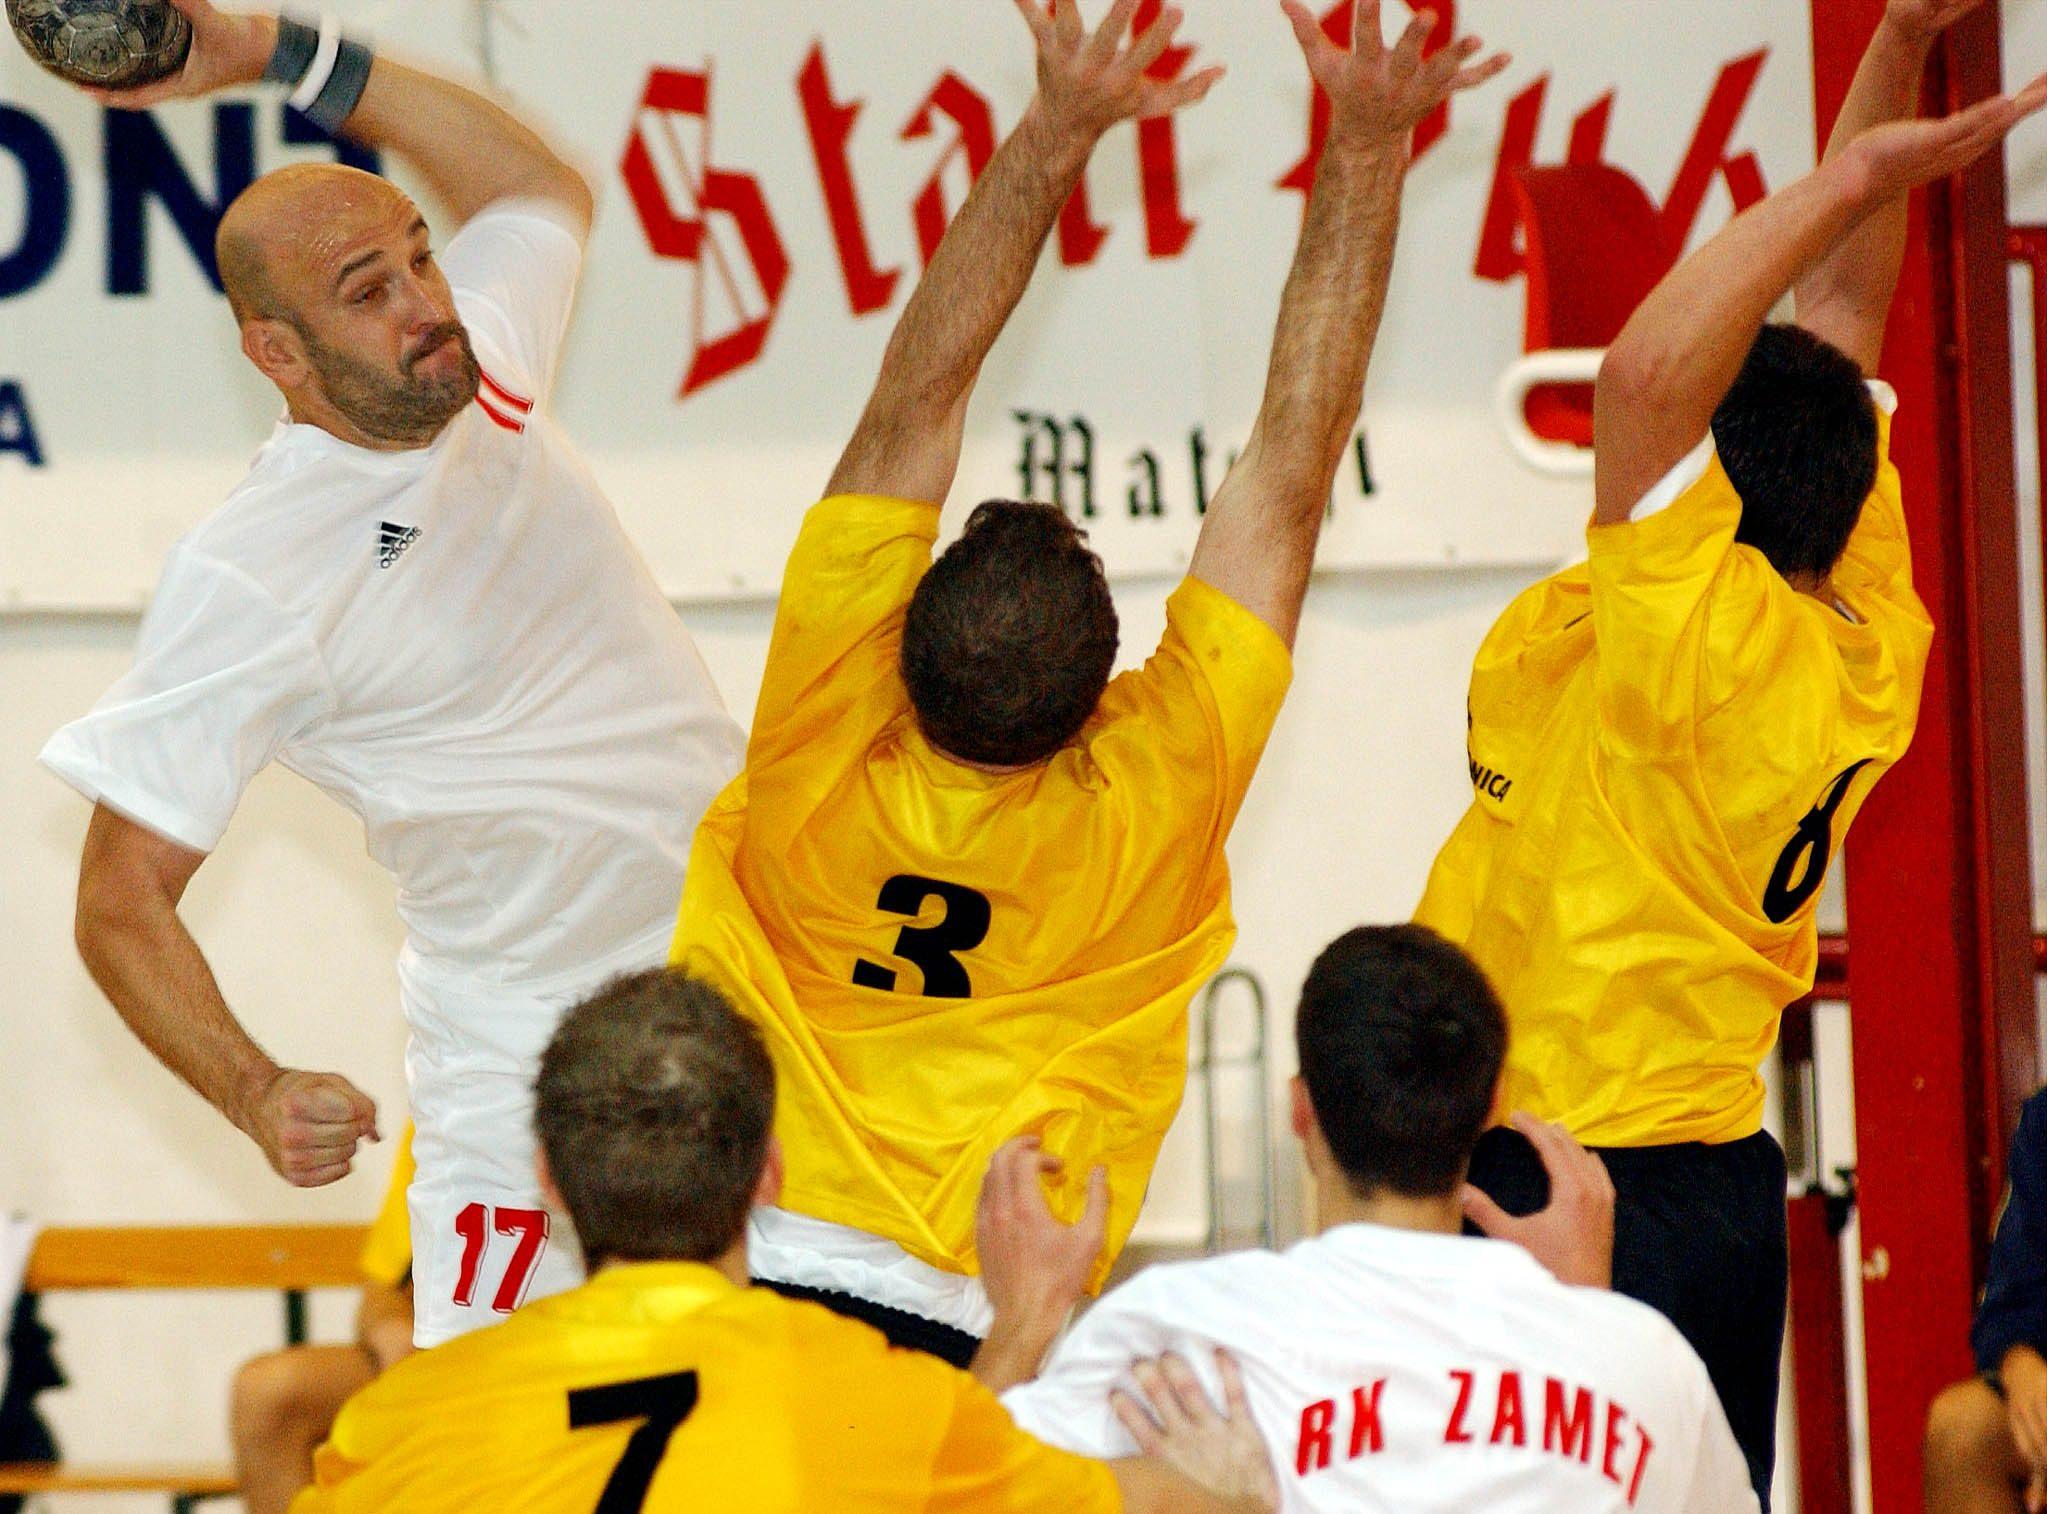 GROM U LJEVICI – Zlatko Saračević u dvoboju Zameta i Đakova 19. listopada 2002./Foto: M. GRACIN